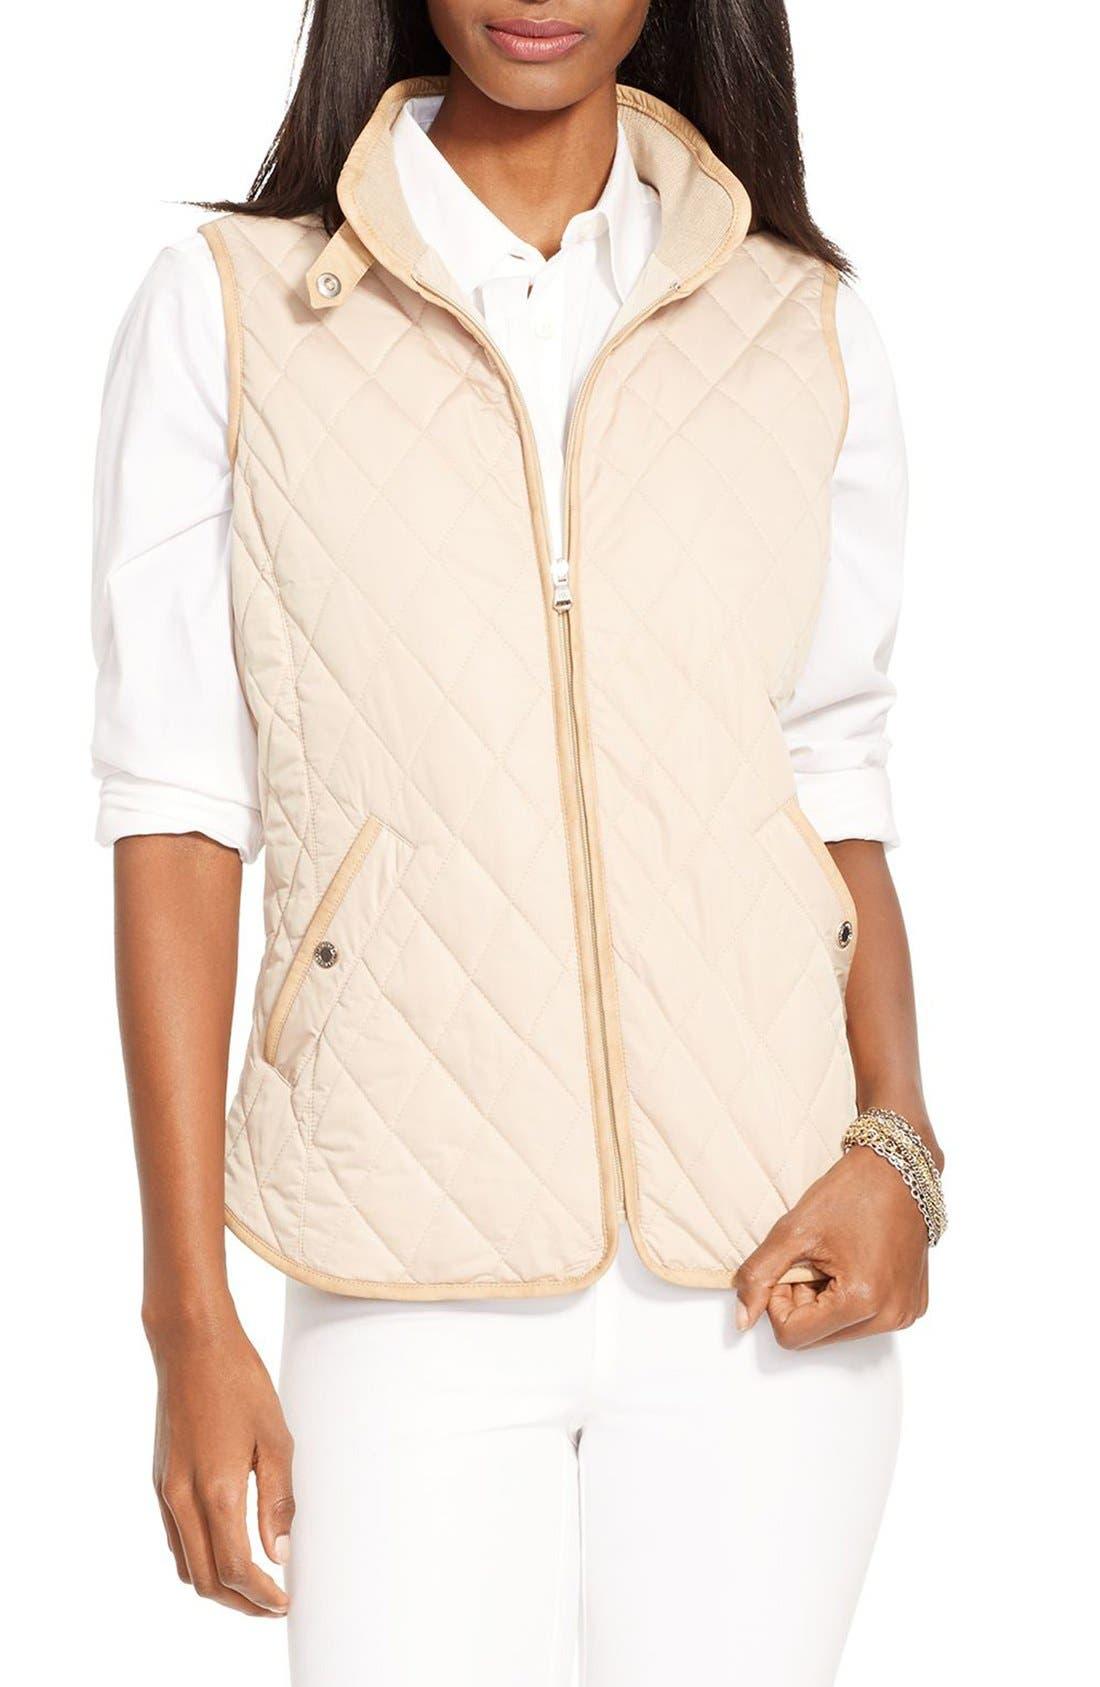 Alternate Image 1 Selected - Lauren Ralph Lauren Faux Leather Trim Vest